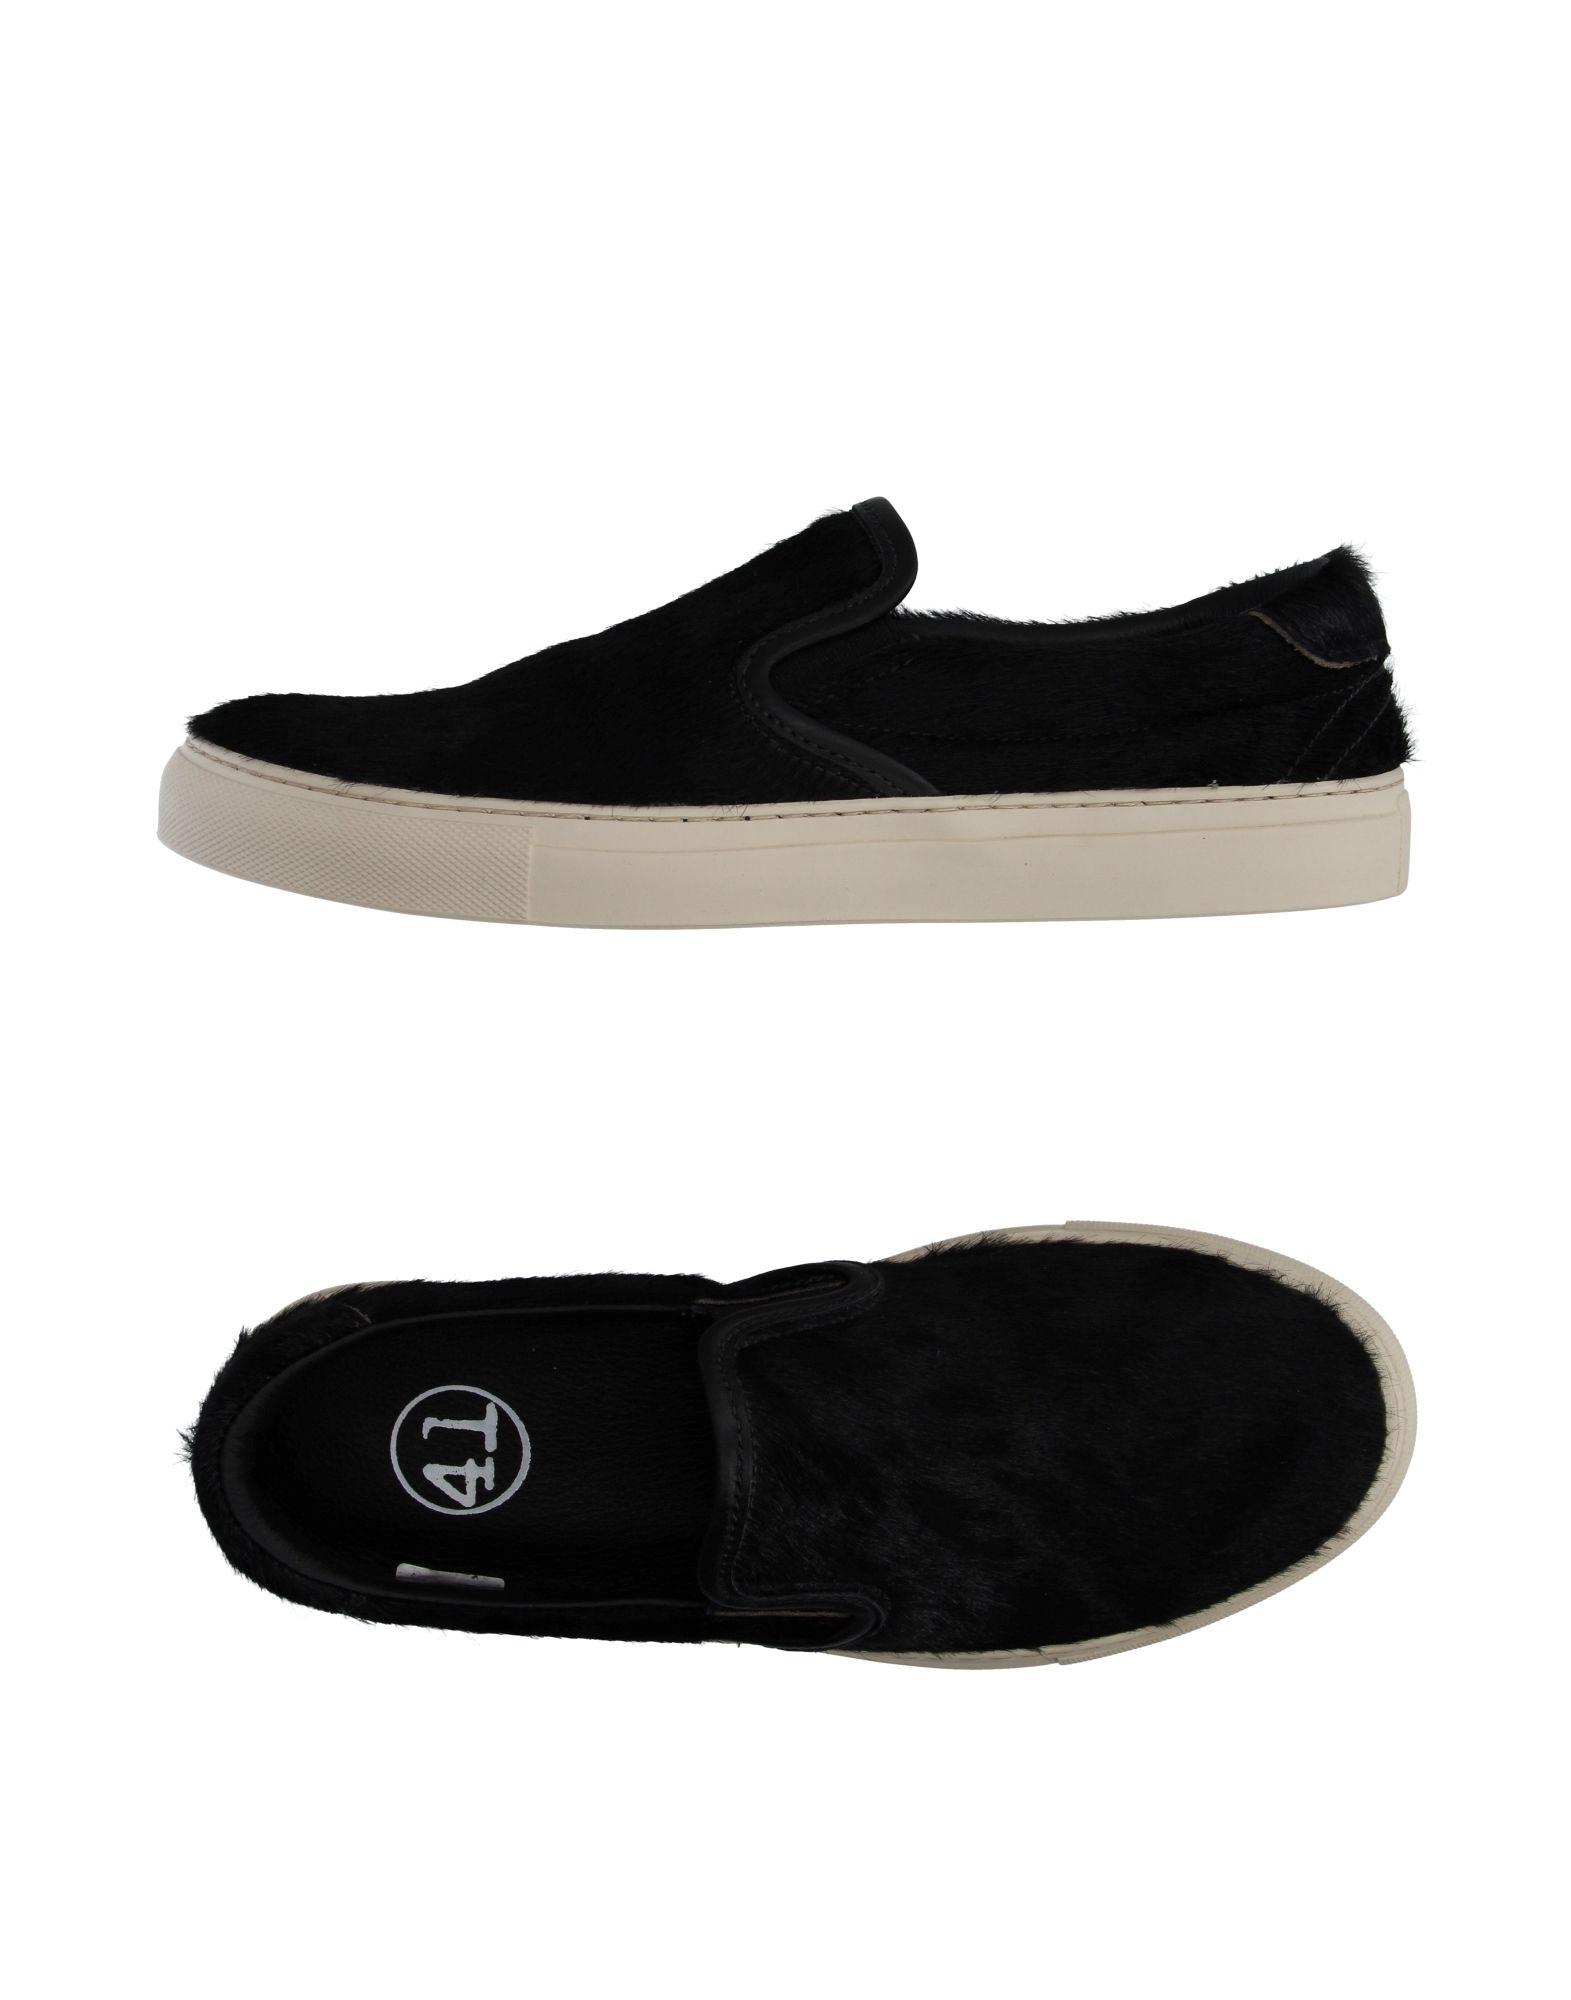 Sneakers Diemme Uomo - 11048243EV Scarpe economiche e buone